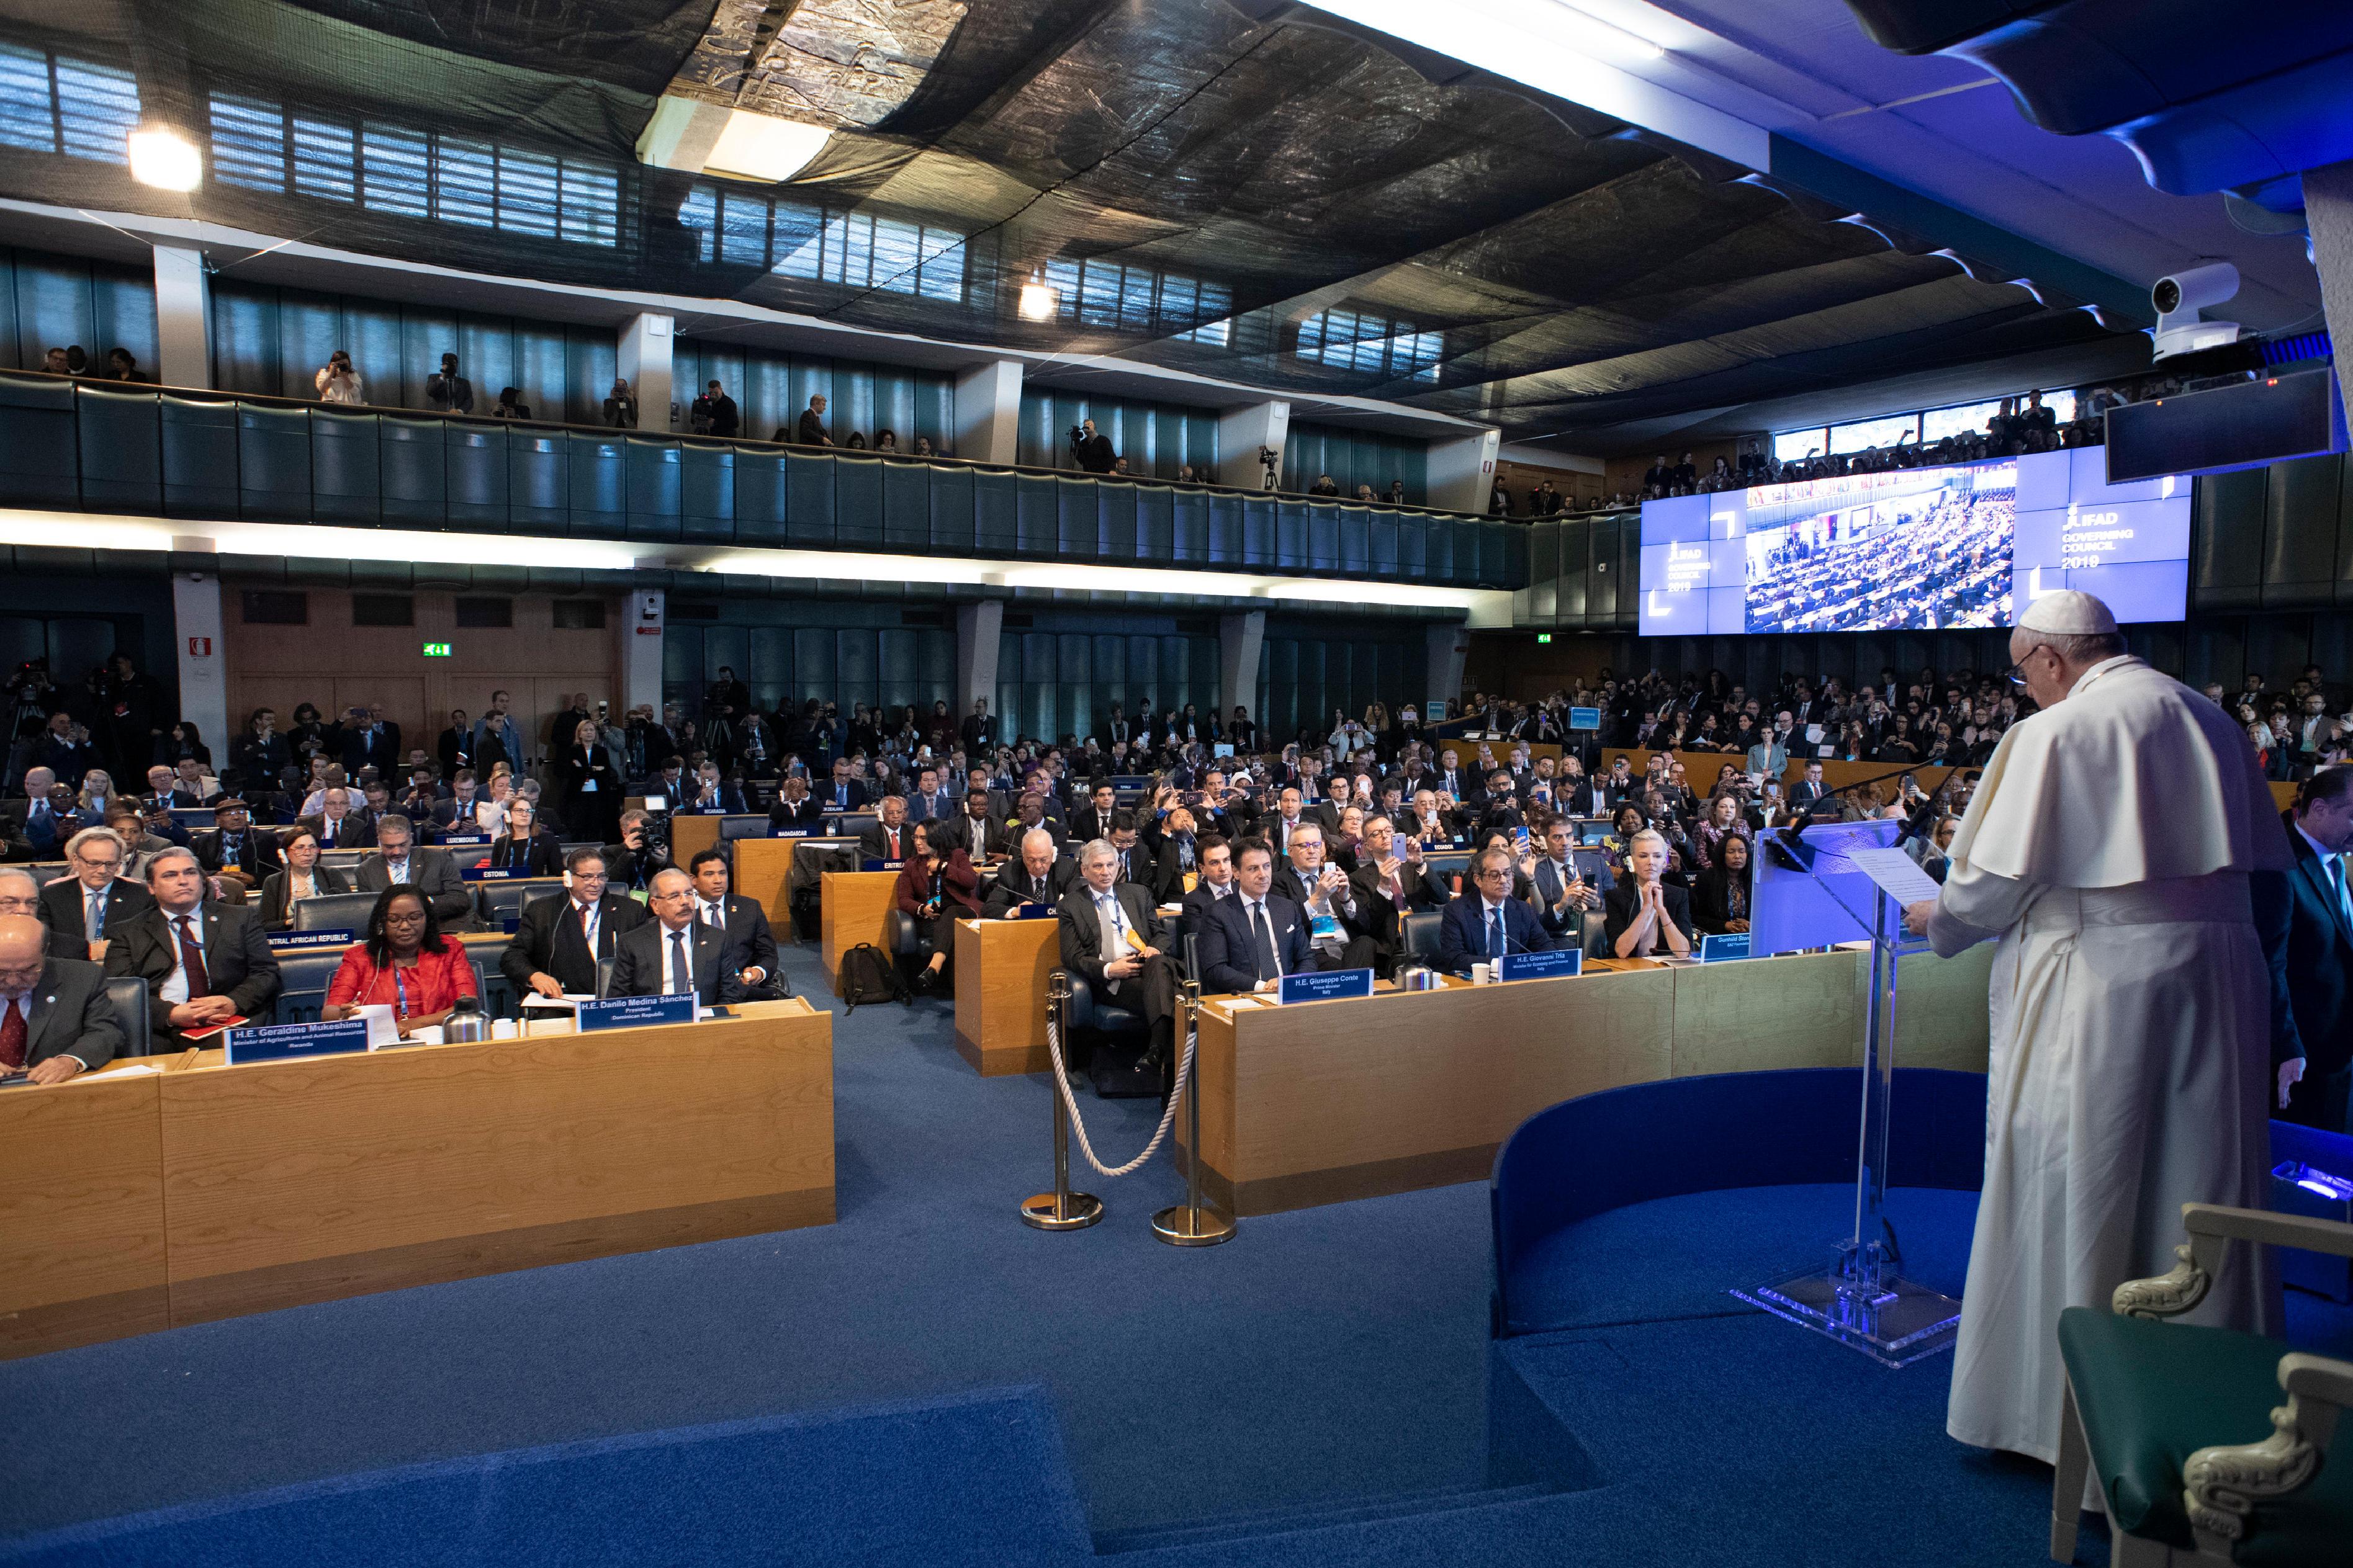 Discurso del Papa Francisco en la sede de la FAO © Vatican Media